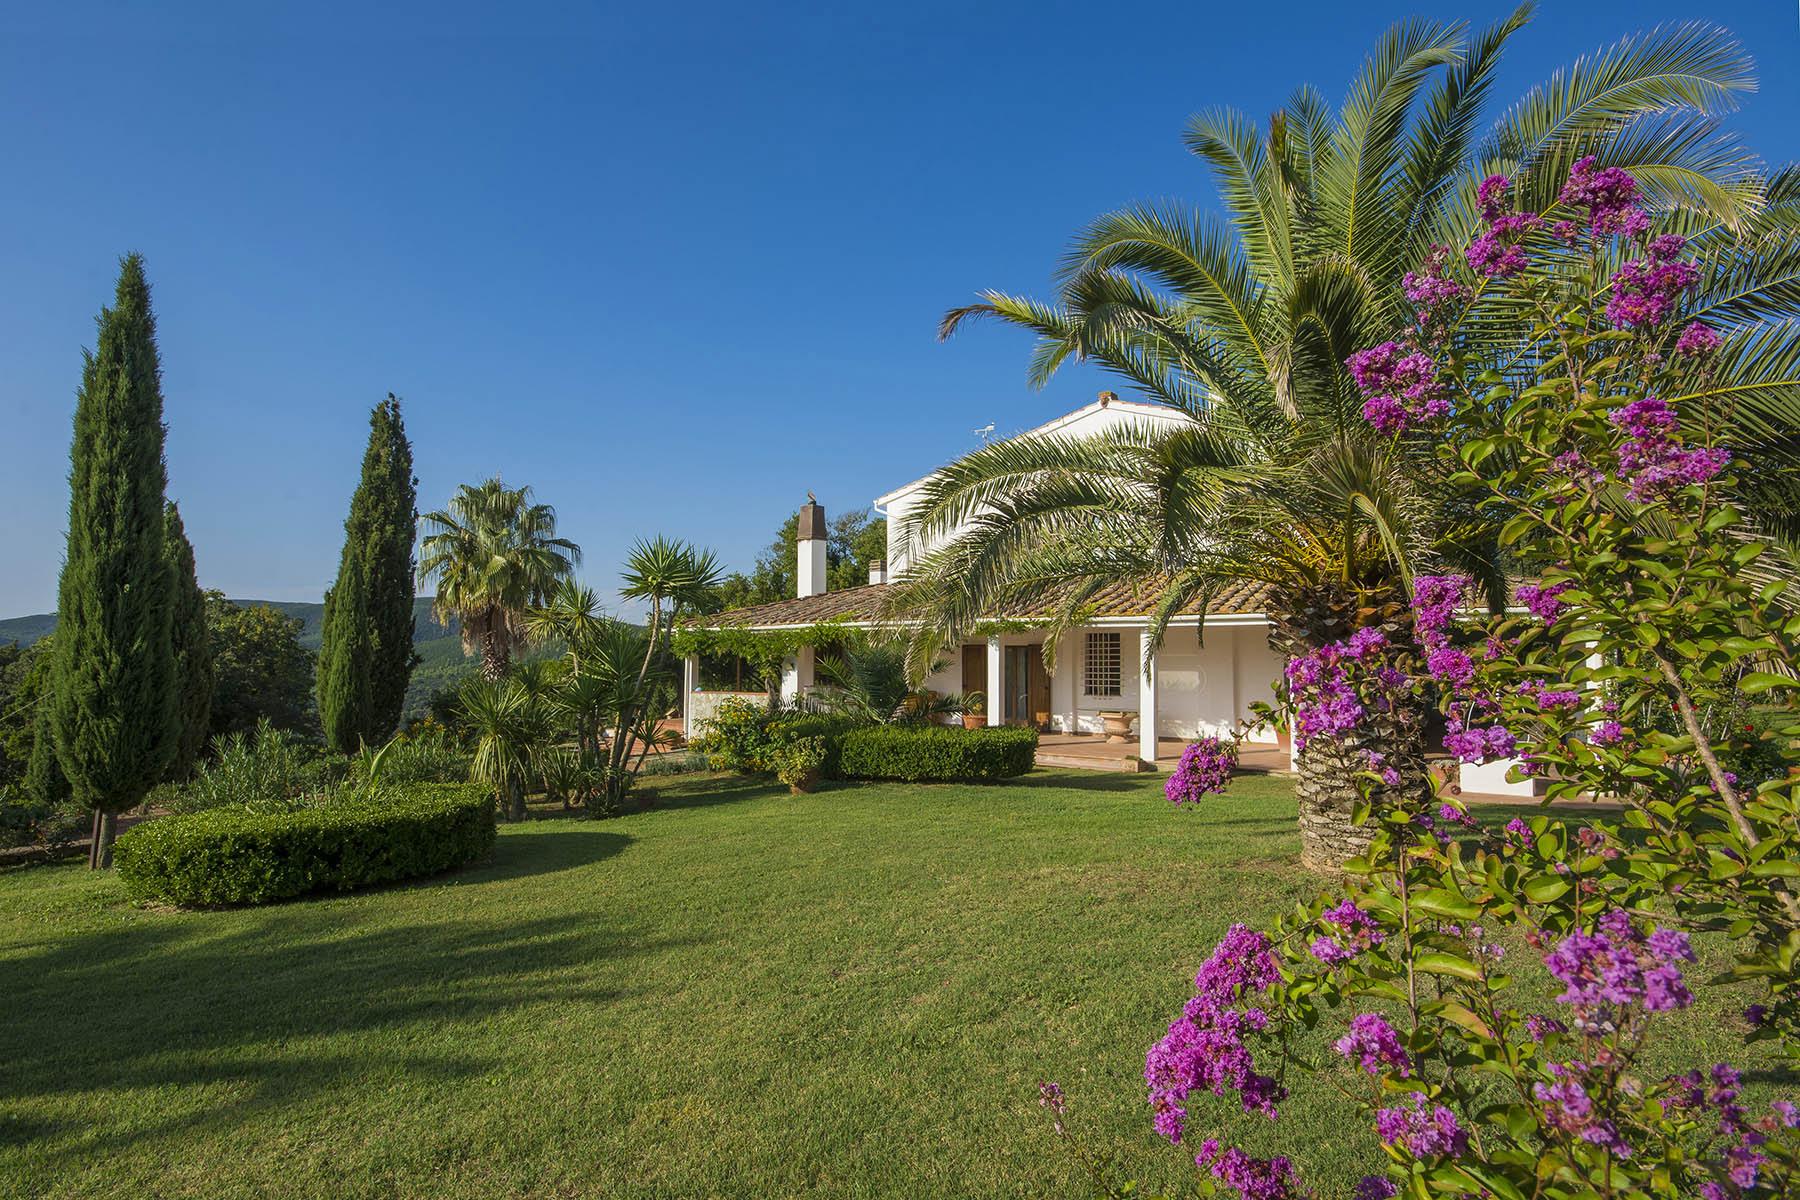 Villa in Vendita a Rosignano Marittimo: 5 locali, 450 mq - Foto 1